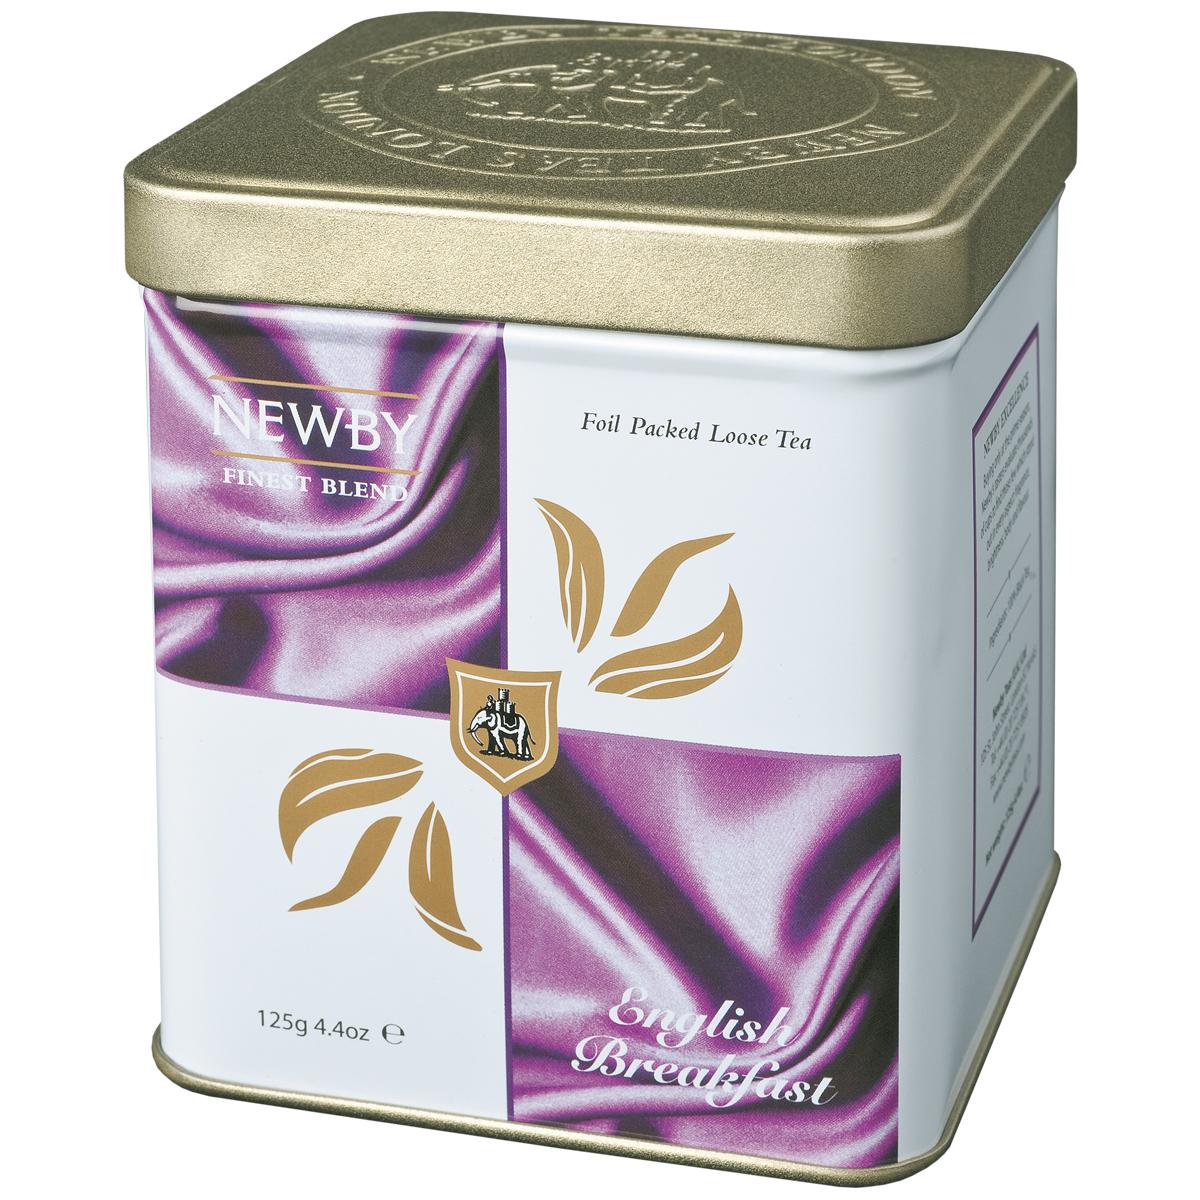 Newby English Breakfast черный листовой чай, 125 г130050Newby English Breakfast - популярная смесь черных сортов чая из Ассама, Цейлона и Кении. Сбалансированный терпкий солодовый вкус с приятными цитрусовыми и пряными нотками. Чашка крепкого чая насыщенного янтарного цвета и богатого вкуса идеальна для начала дня.